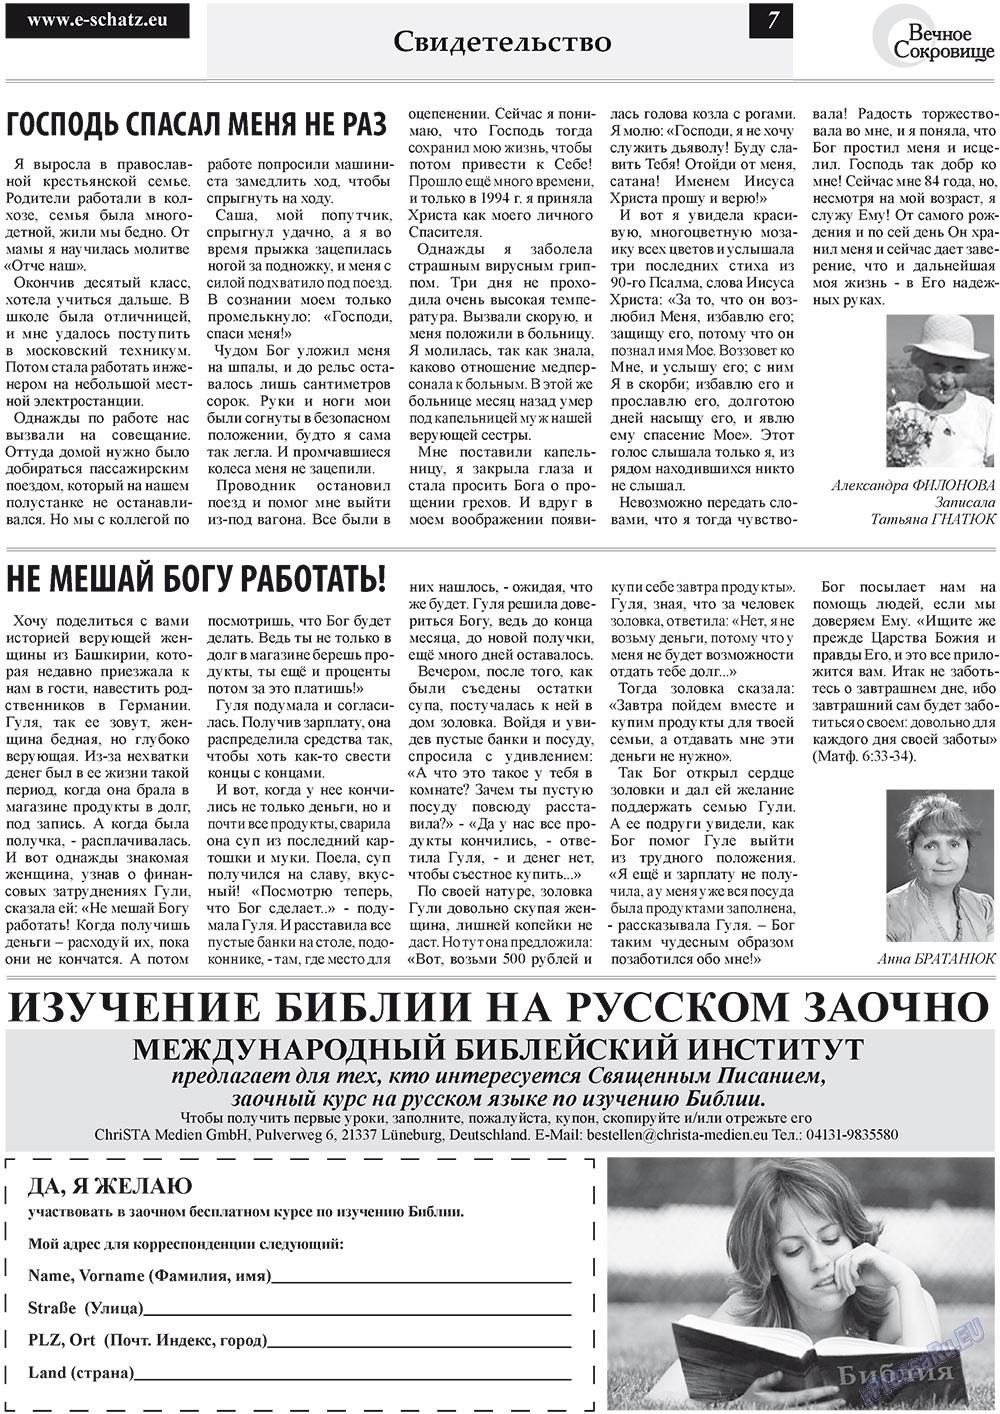 Вечное сокровище (газета). 2011 год, номер 4, стр. 7